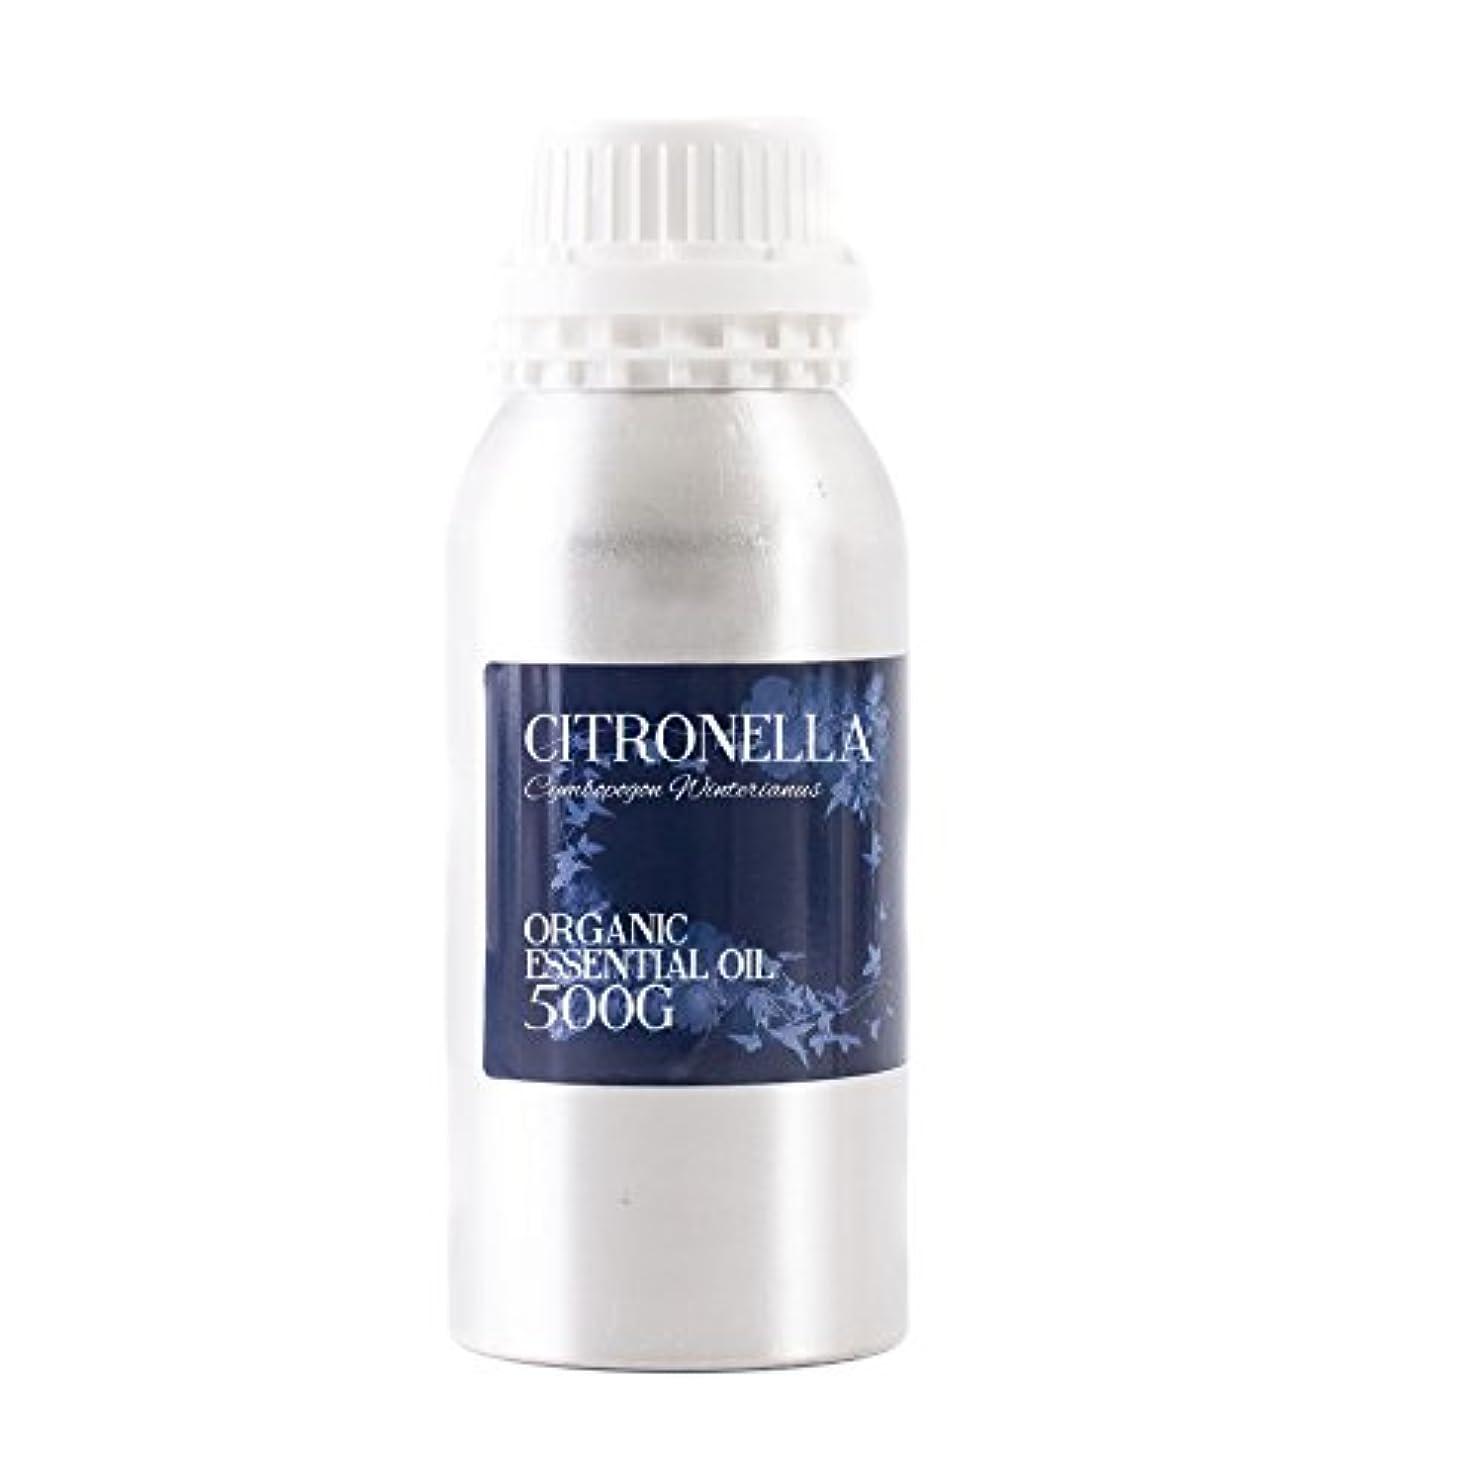 非常に趣味の慈悲でMystic Moments | Citronella Organic Essential Oil - 500g - 100% Pure